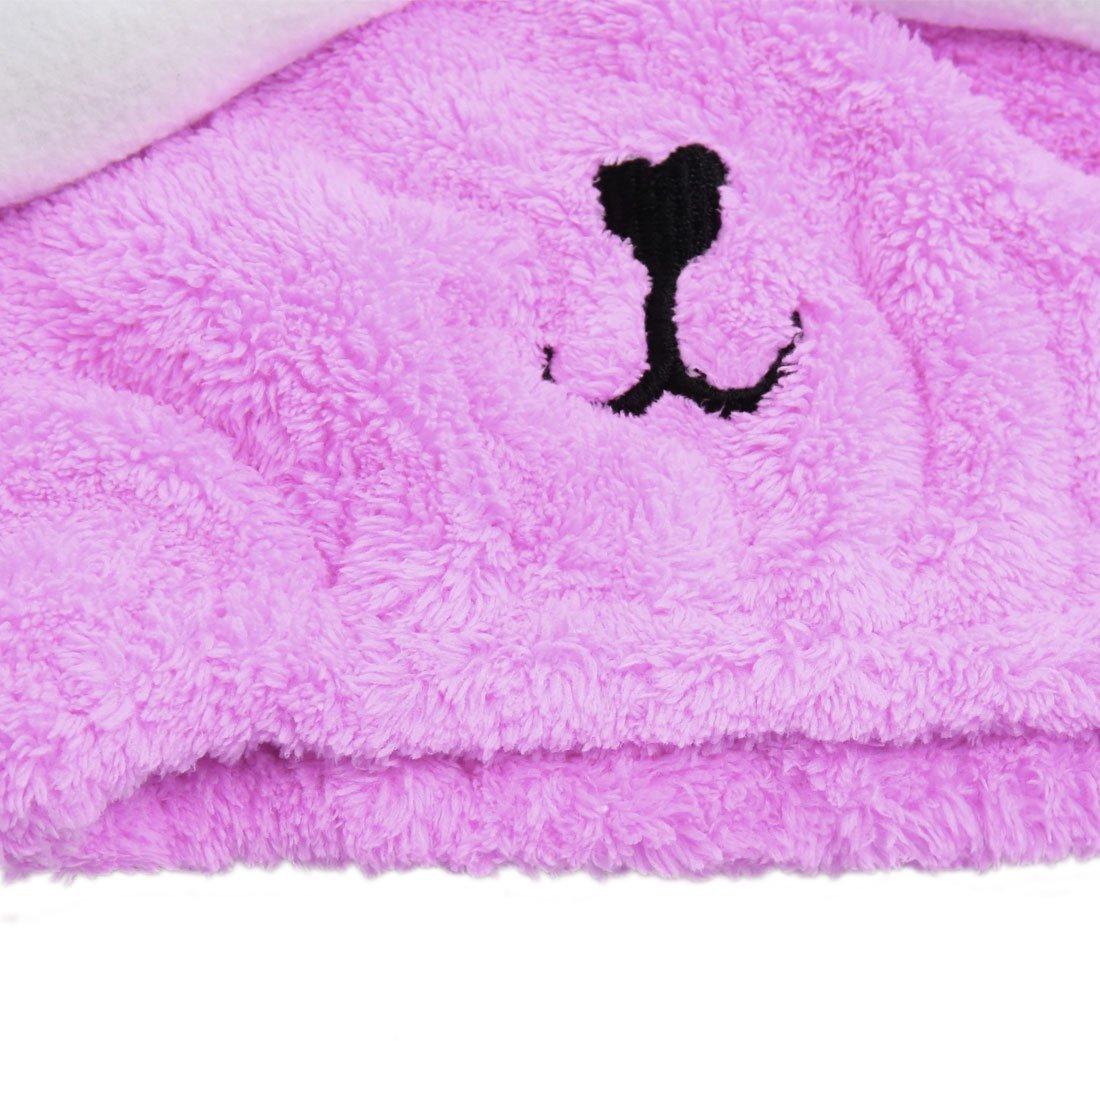 Amazon.com: eDealMax púrpura Lindo del Conejo de poliéster elástico de Pelo Toalla de secado tapa del cabezal Sombrero Para Los niños: Health & Personal ...